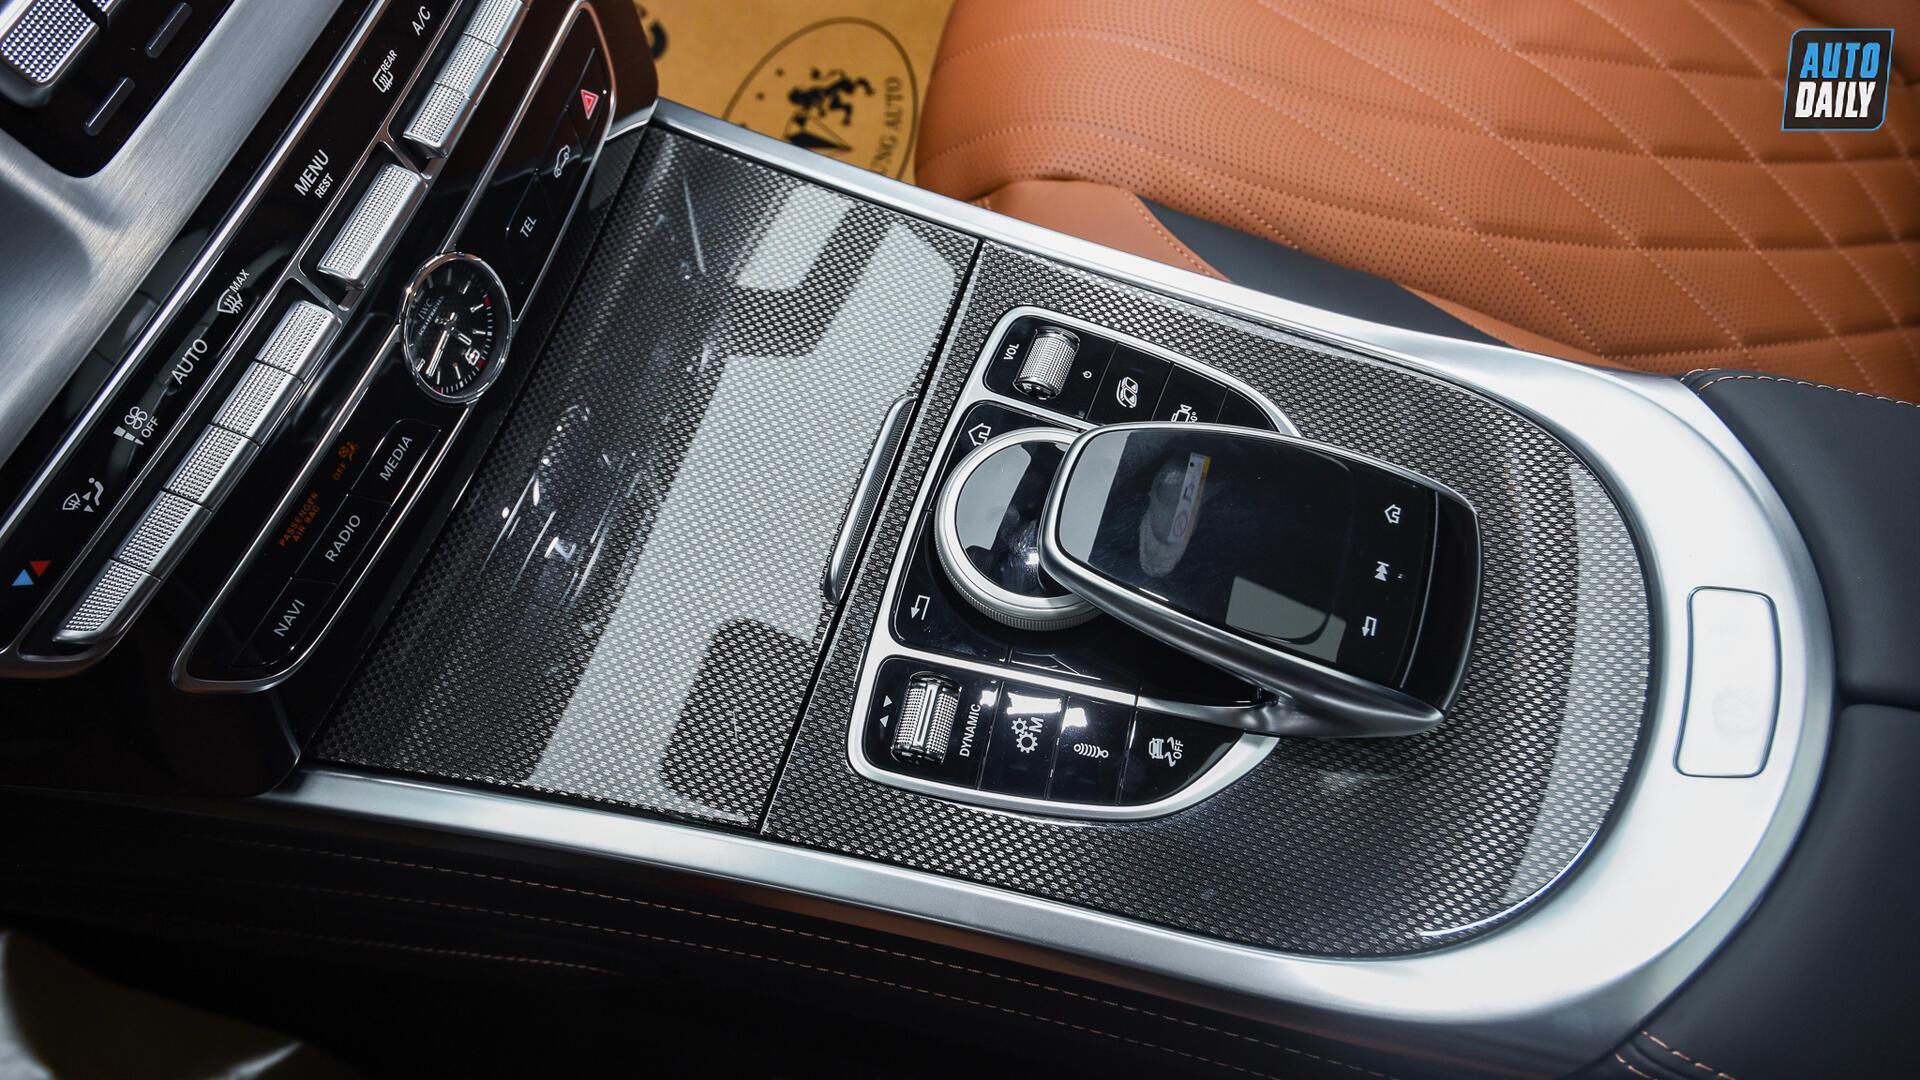 Ảnh chi tiết Mercedes G63 AMG 2021 bản cá nhân hoá giá khoảng 12 tỷ [16]